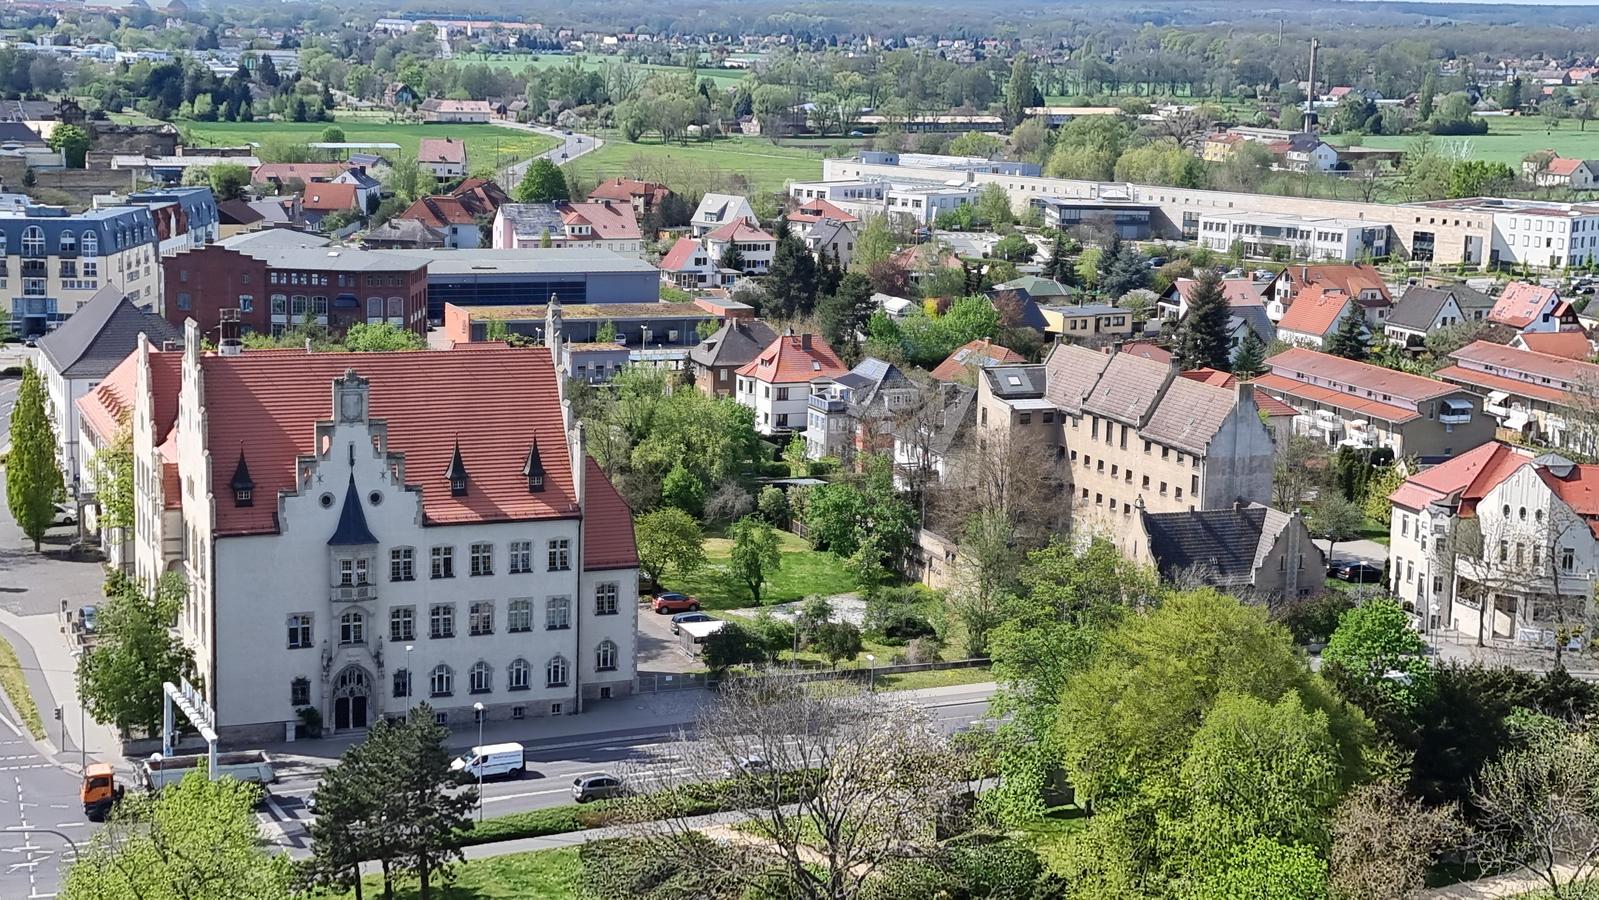 Tipps für die Lutherstadt Wittenberg, Sehenswürdigkeiten von Wittenberg, Lutherhaus, Melanchthonhaus, UNESCO-Welterbe in Sachsen Anhalt